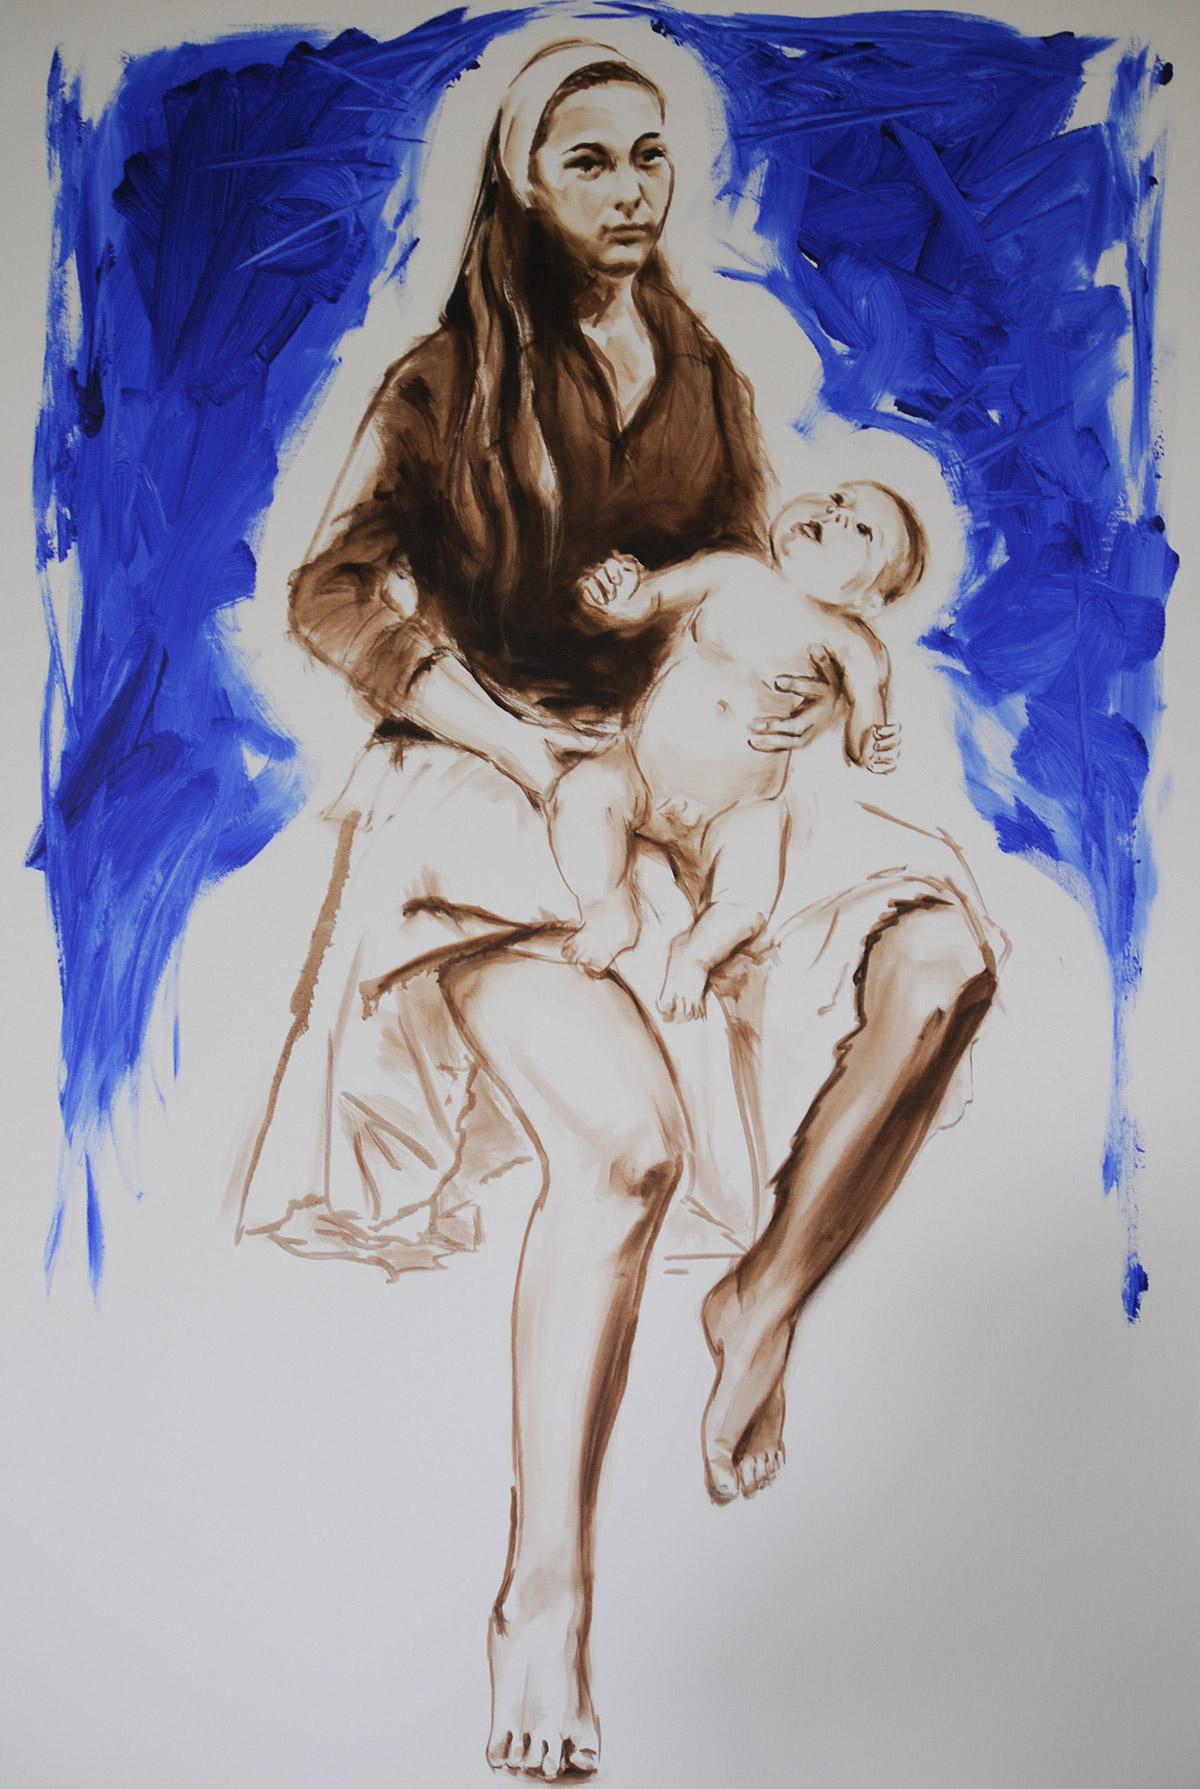 Mutter und Kind vor blauem Hintergrund